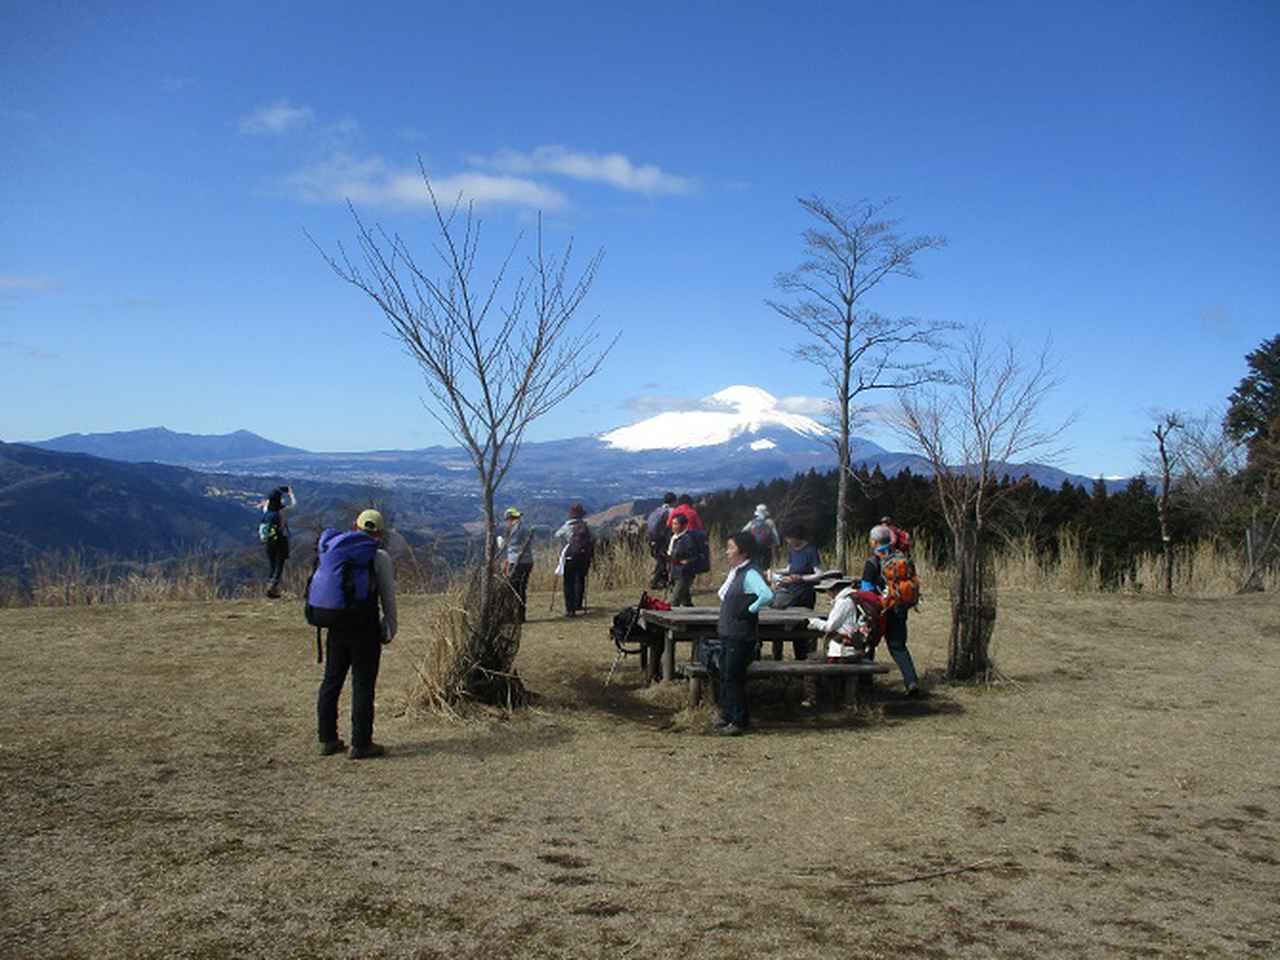 画像7: 3月9日に山旅会 高松山 ツアーに行ってきました!